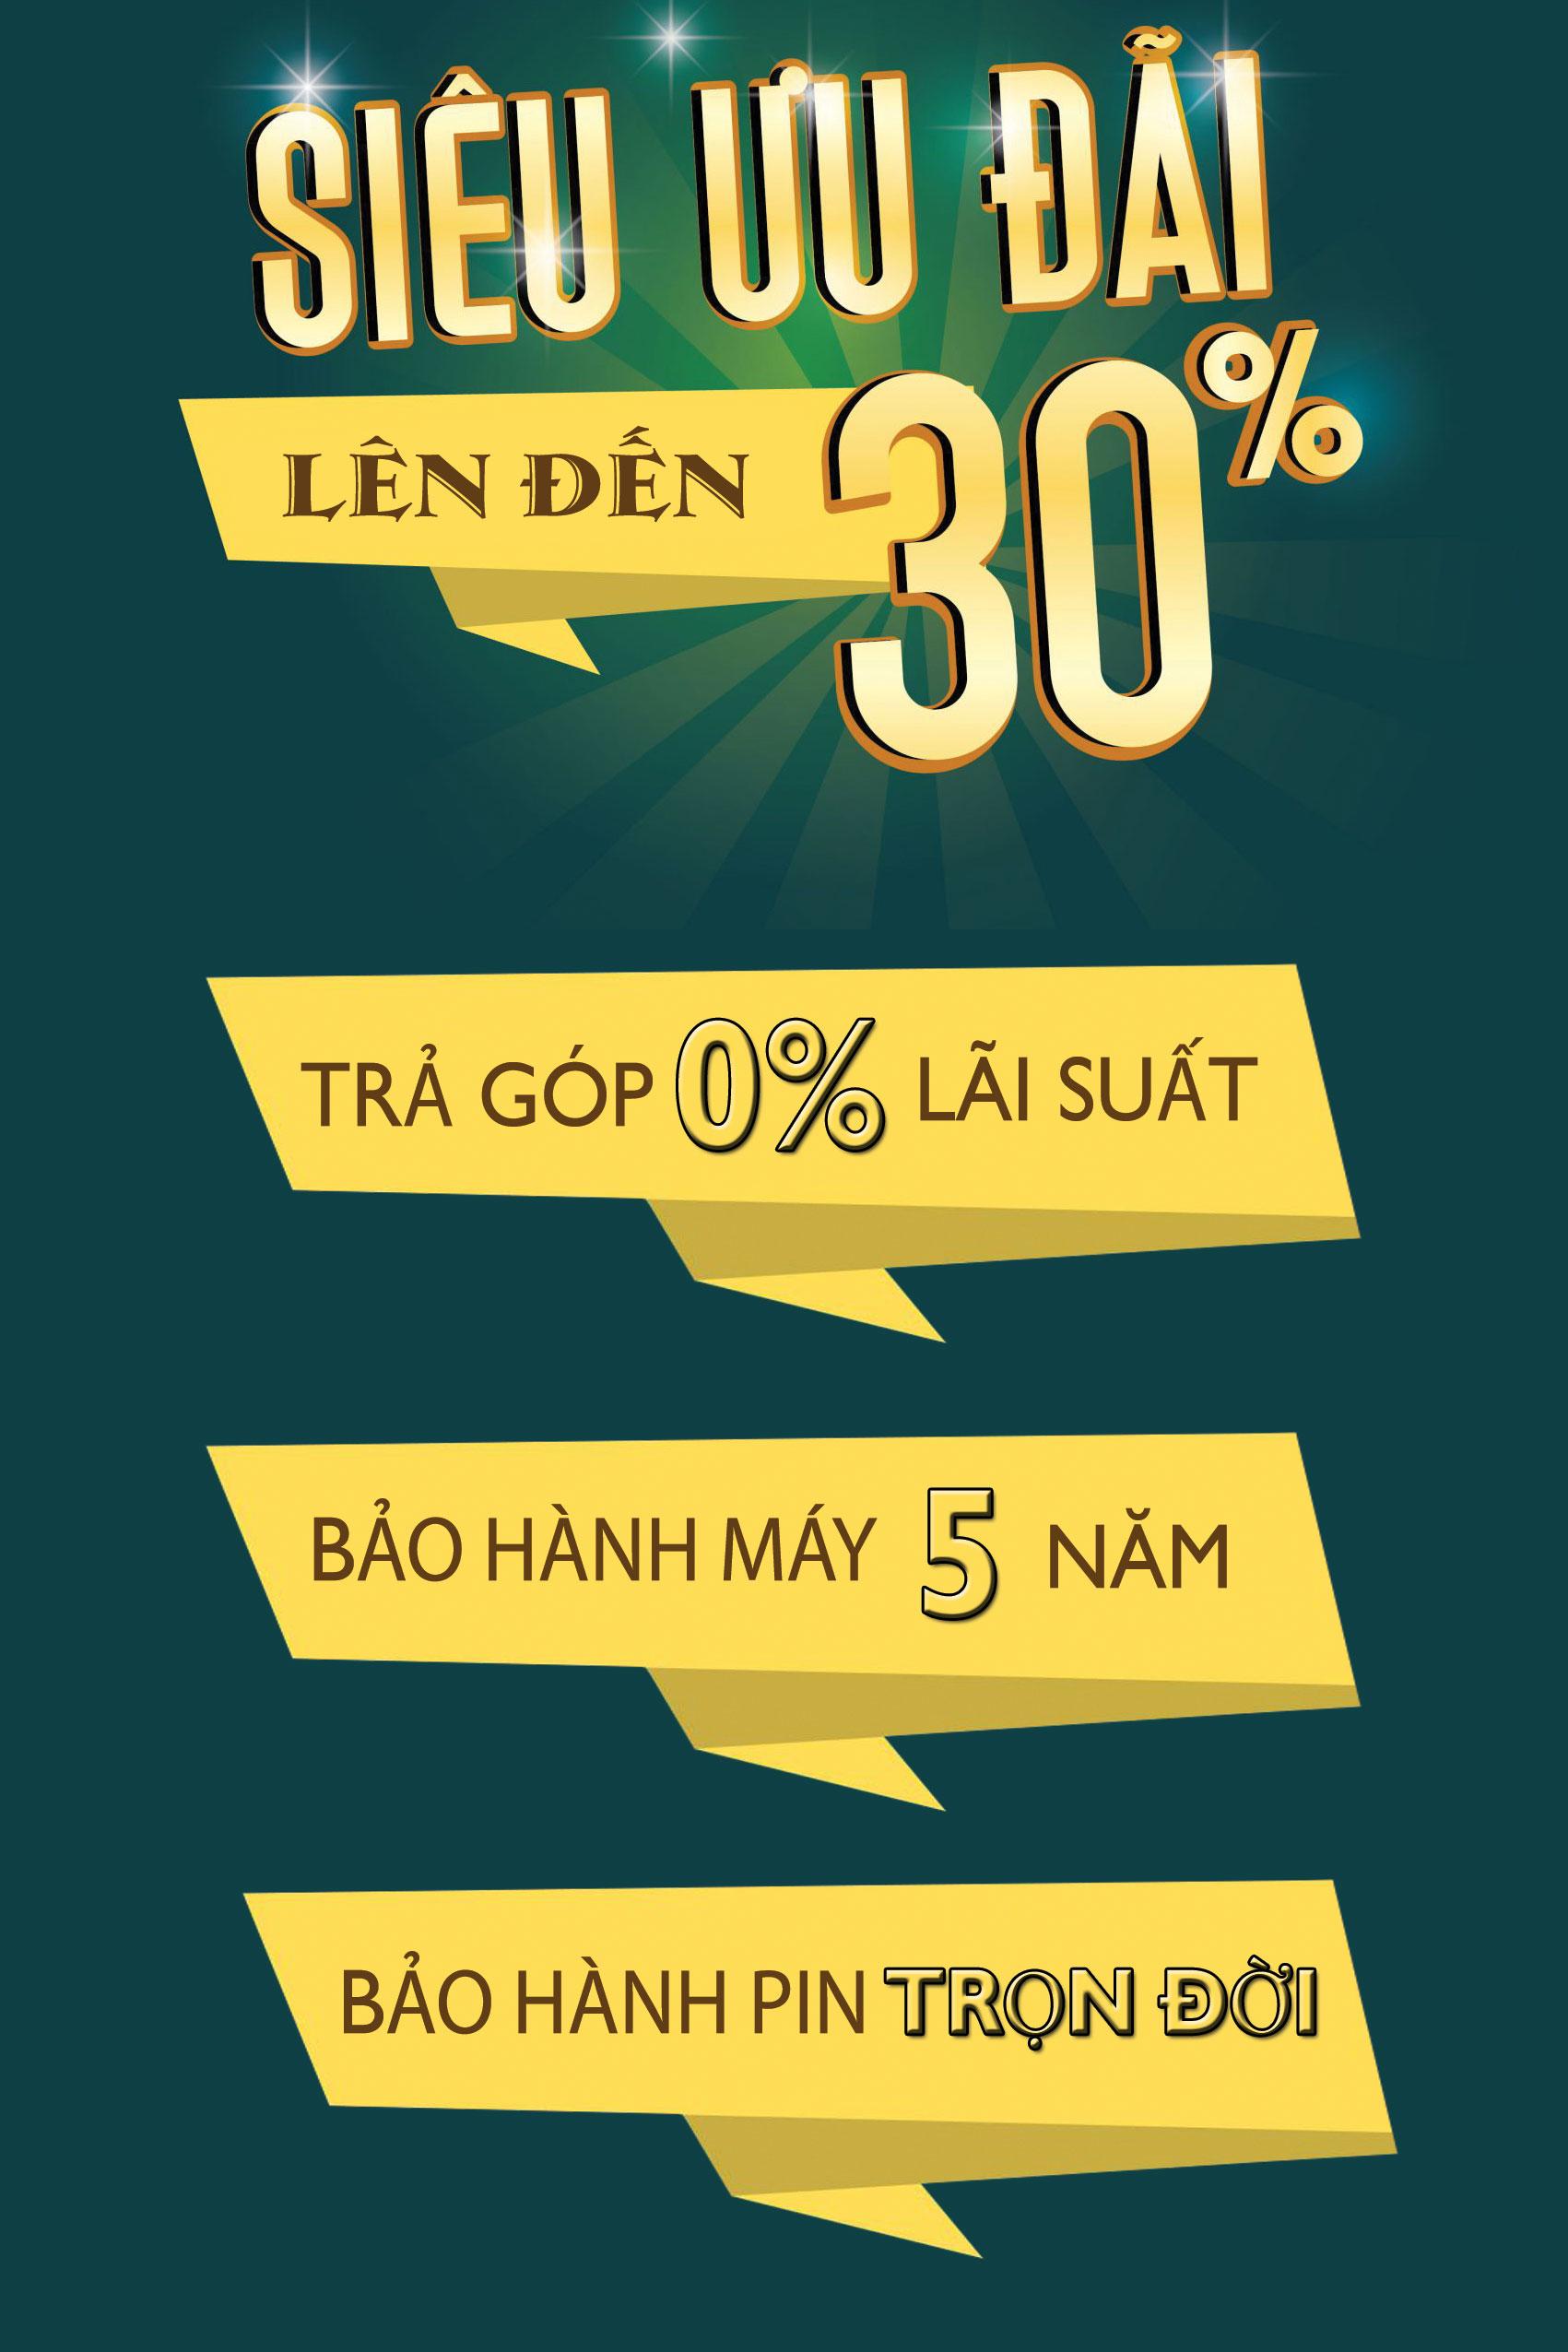 Siêu giảm giá lên đến 30%